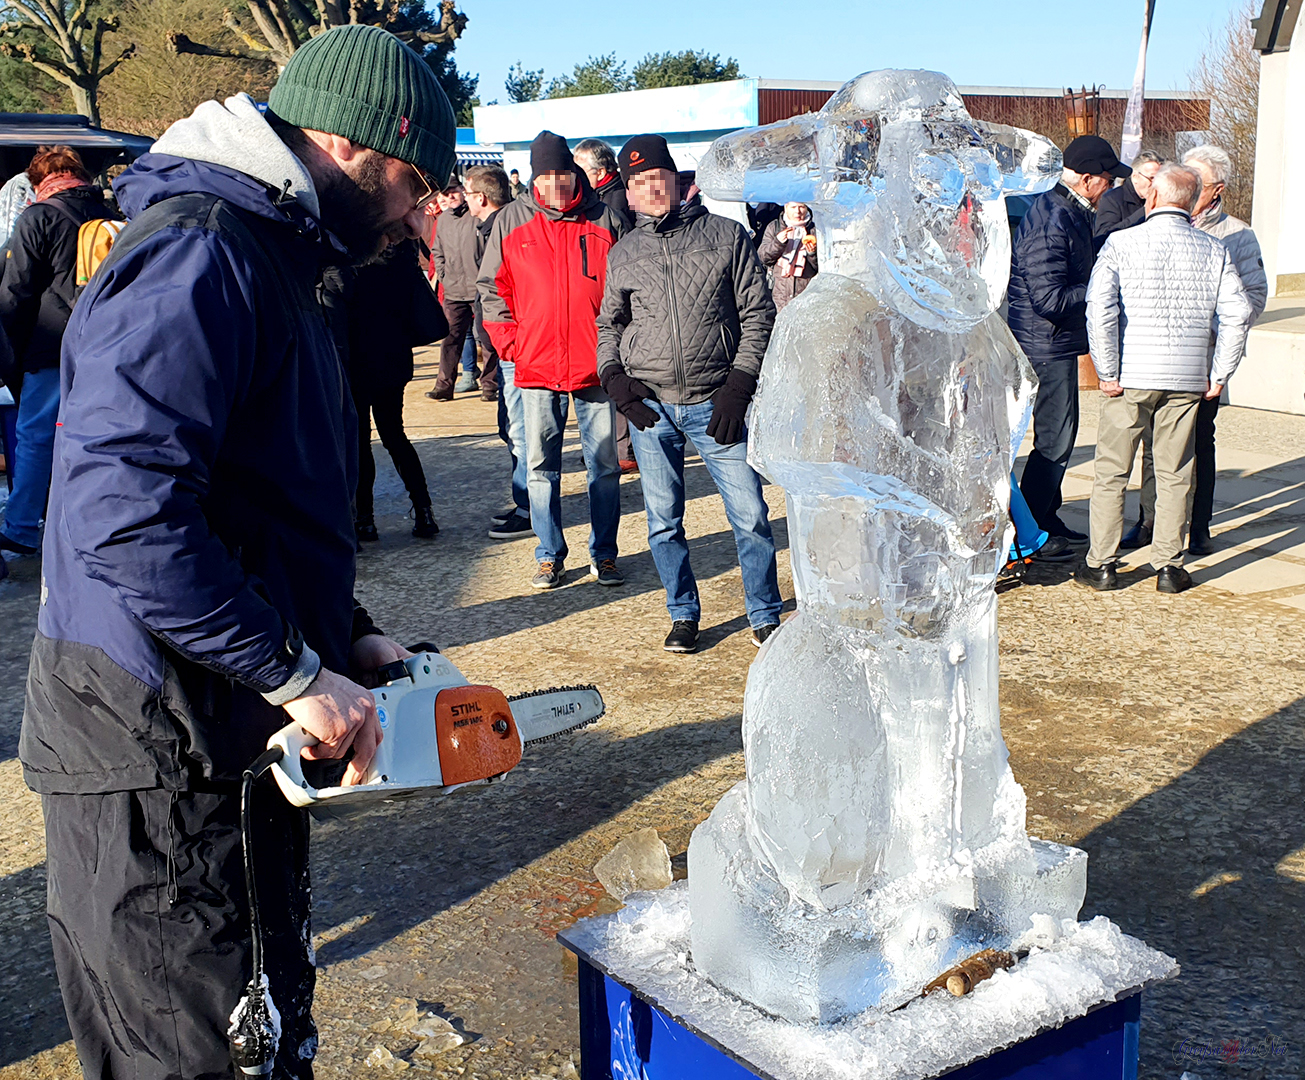 Eisskulpturen herstellen in Zinnowitz, Eis in Flammen - Eisbildhauerevent im Ostseebad Zinnowitz